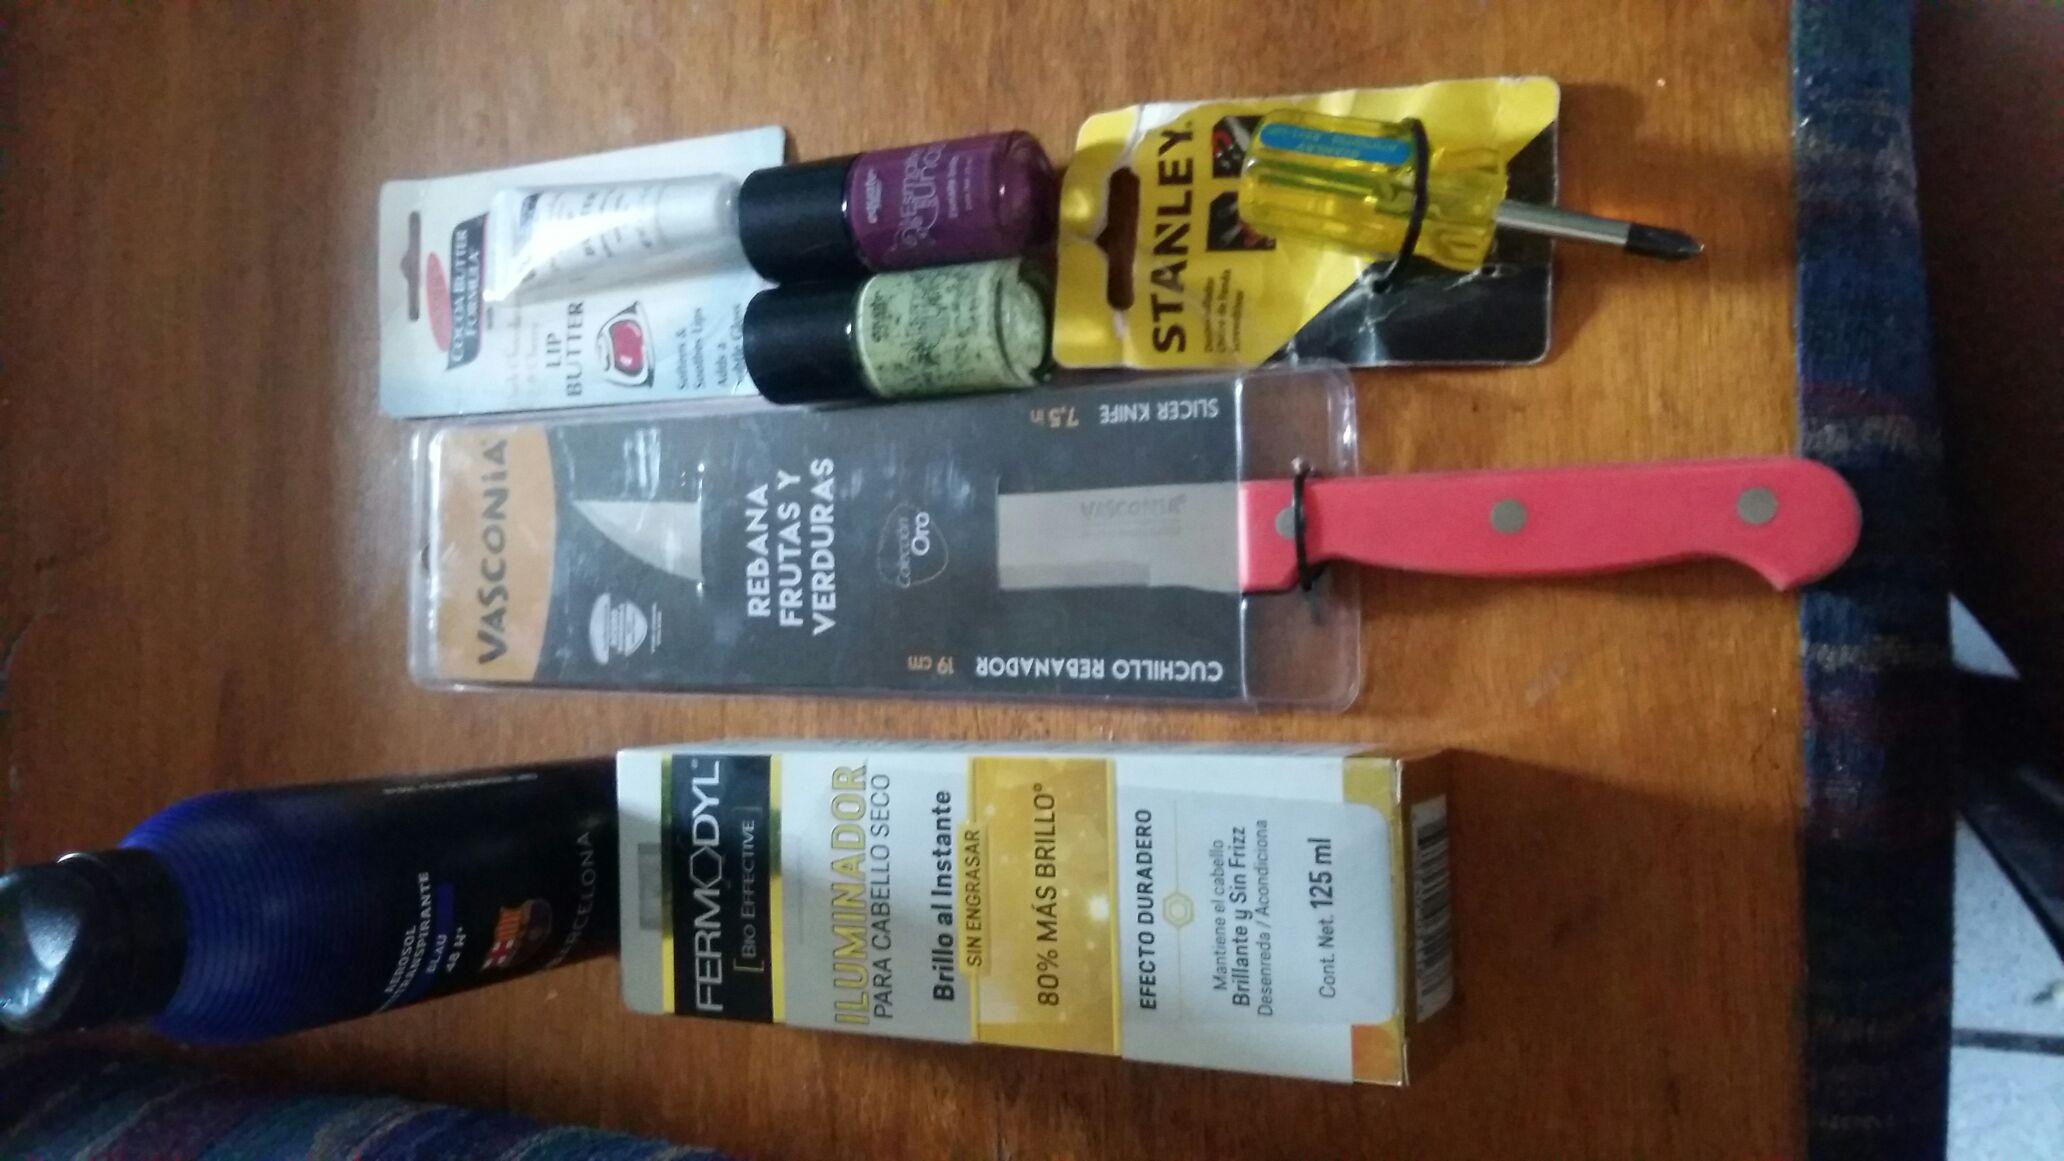 Bodega Aurrerá: Esmaltes Equate colores seleccionados $3.02 y más